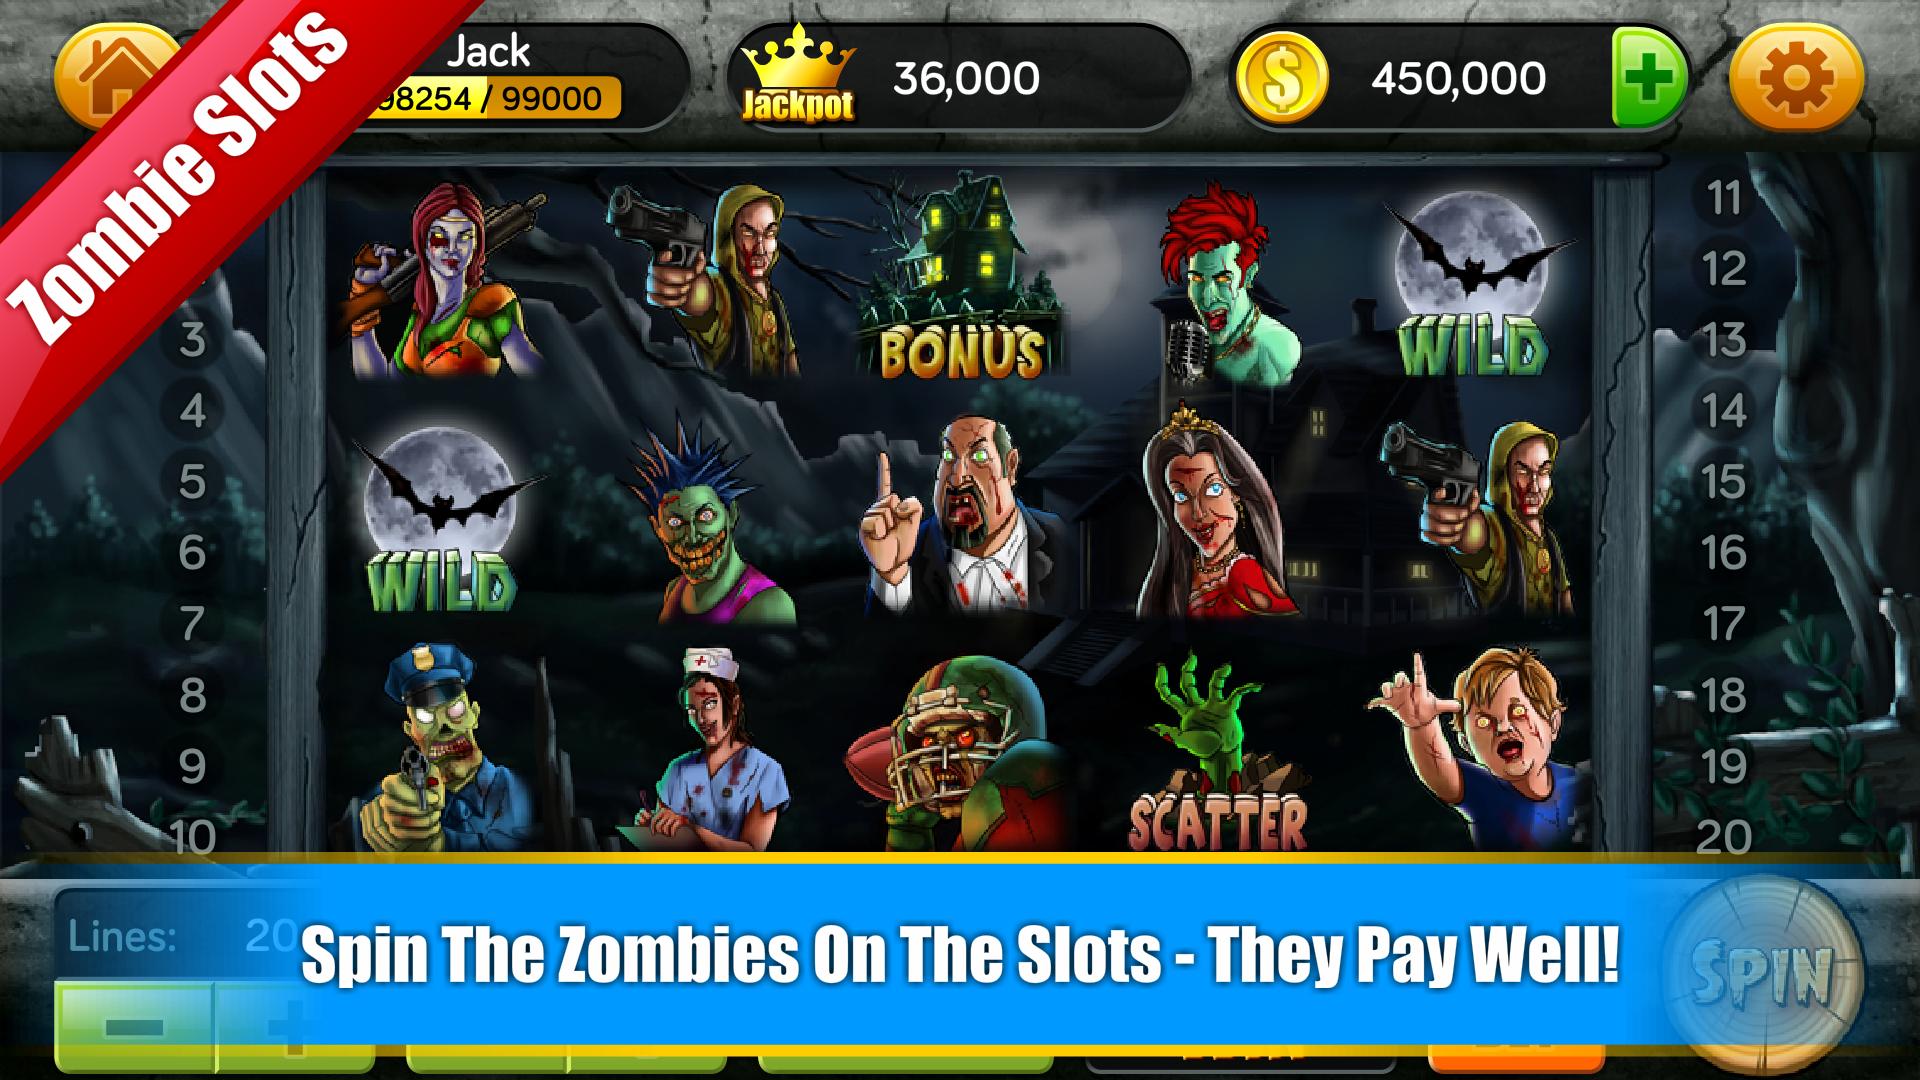 ca$hpot casino